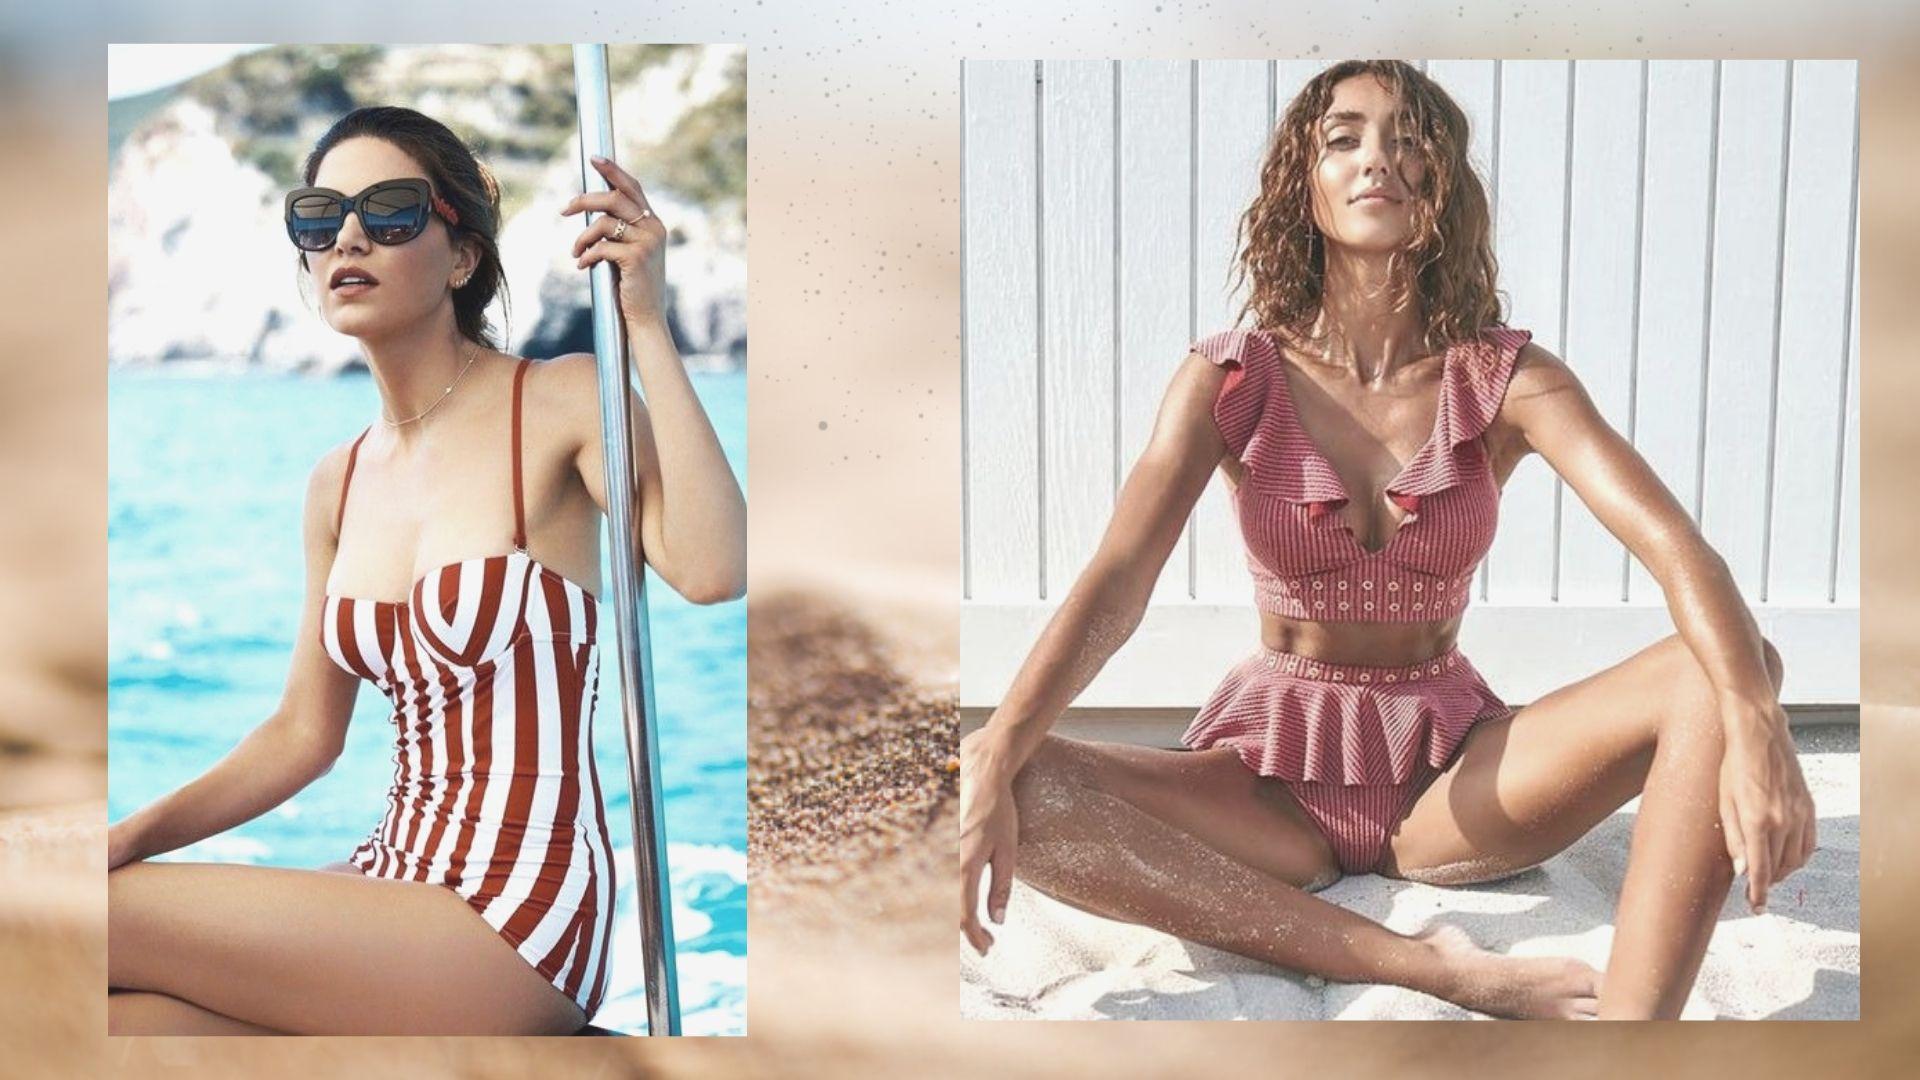 da92a47314878 Они до сих пор являются одними из трендовых и не стандартных решений на  пляже. Это самый женственный и необычный тренд в рамках пляжной моды.